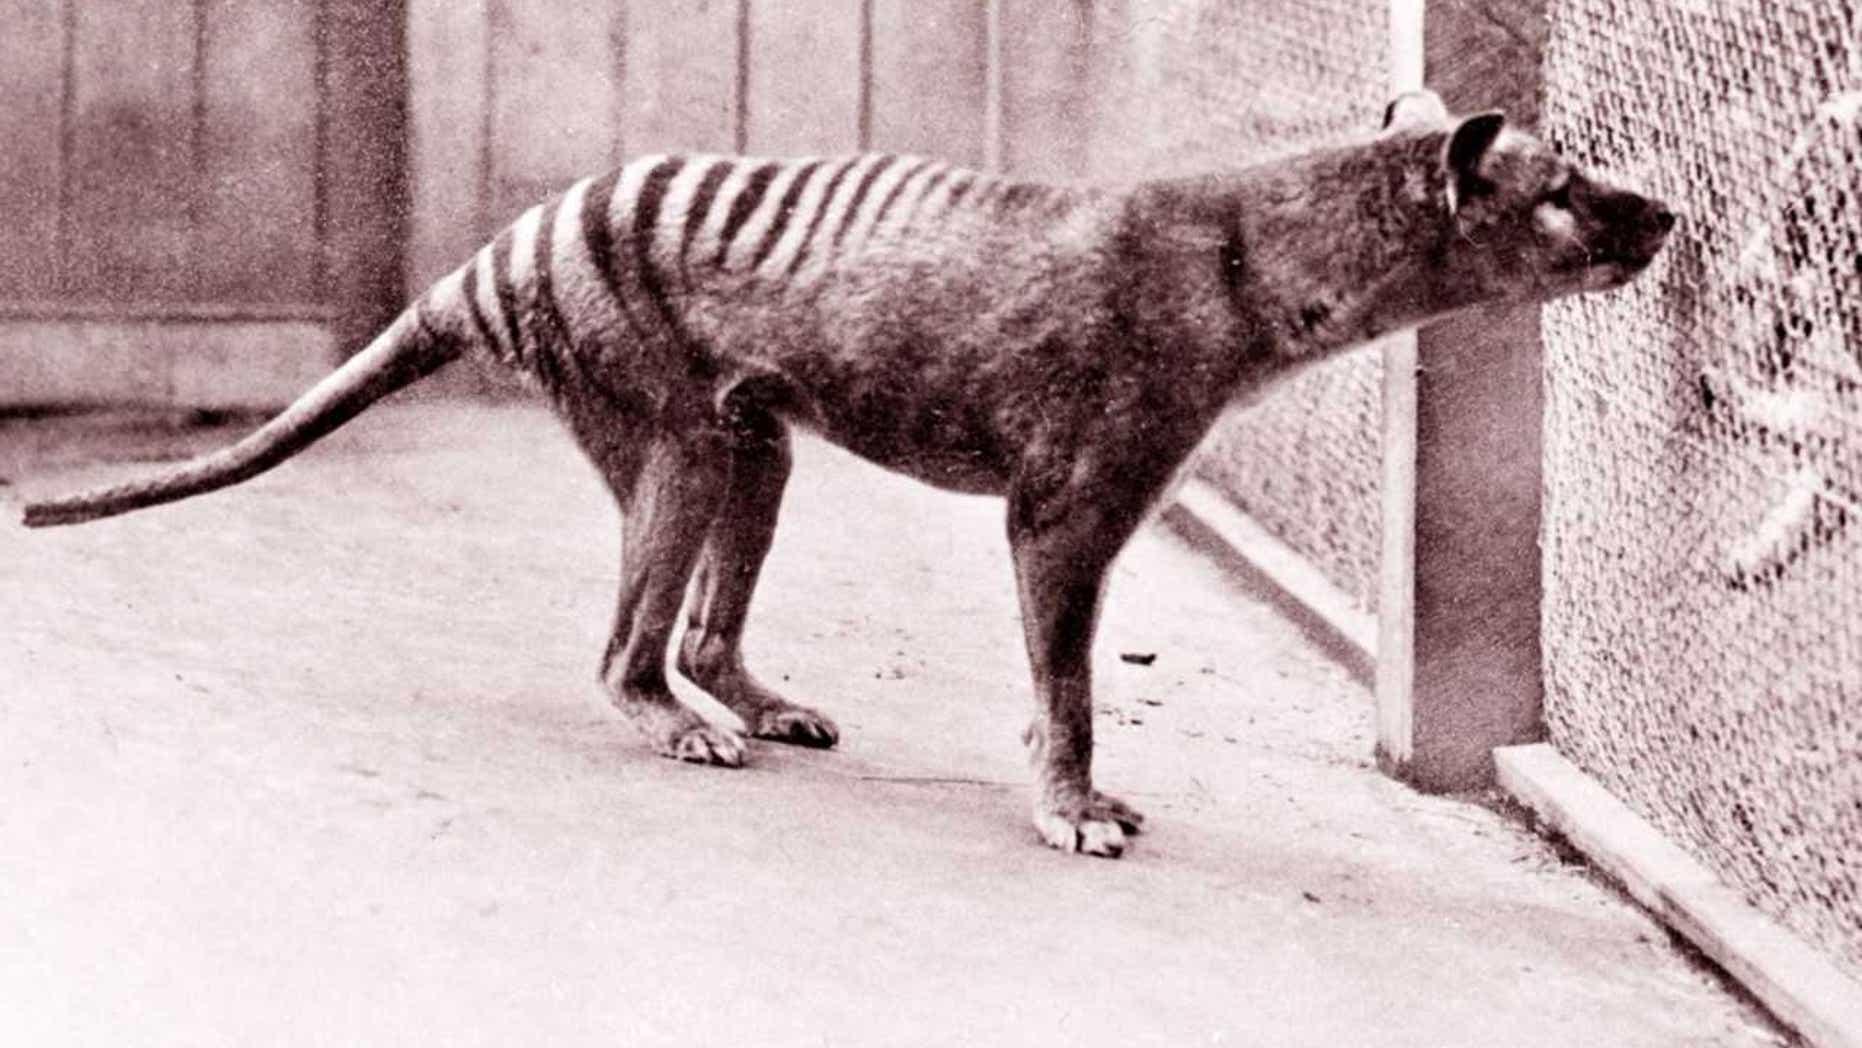 ÎÏÎ¿ÏέλεÏμα εικÏÎ½Î±Ï Î³Î¹Î± tasmanian tiger